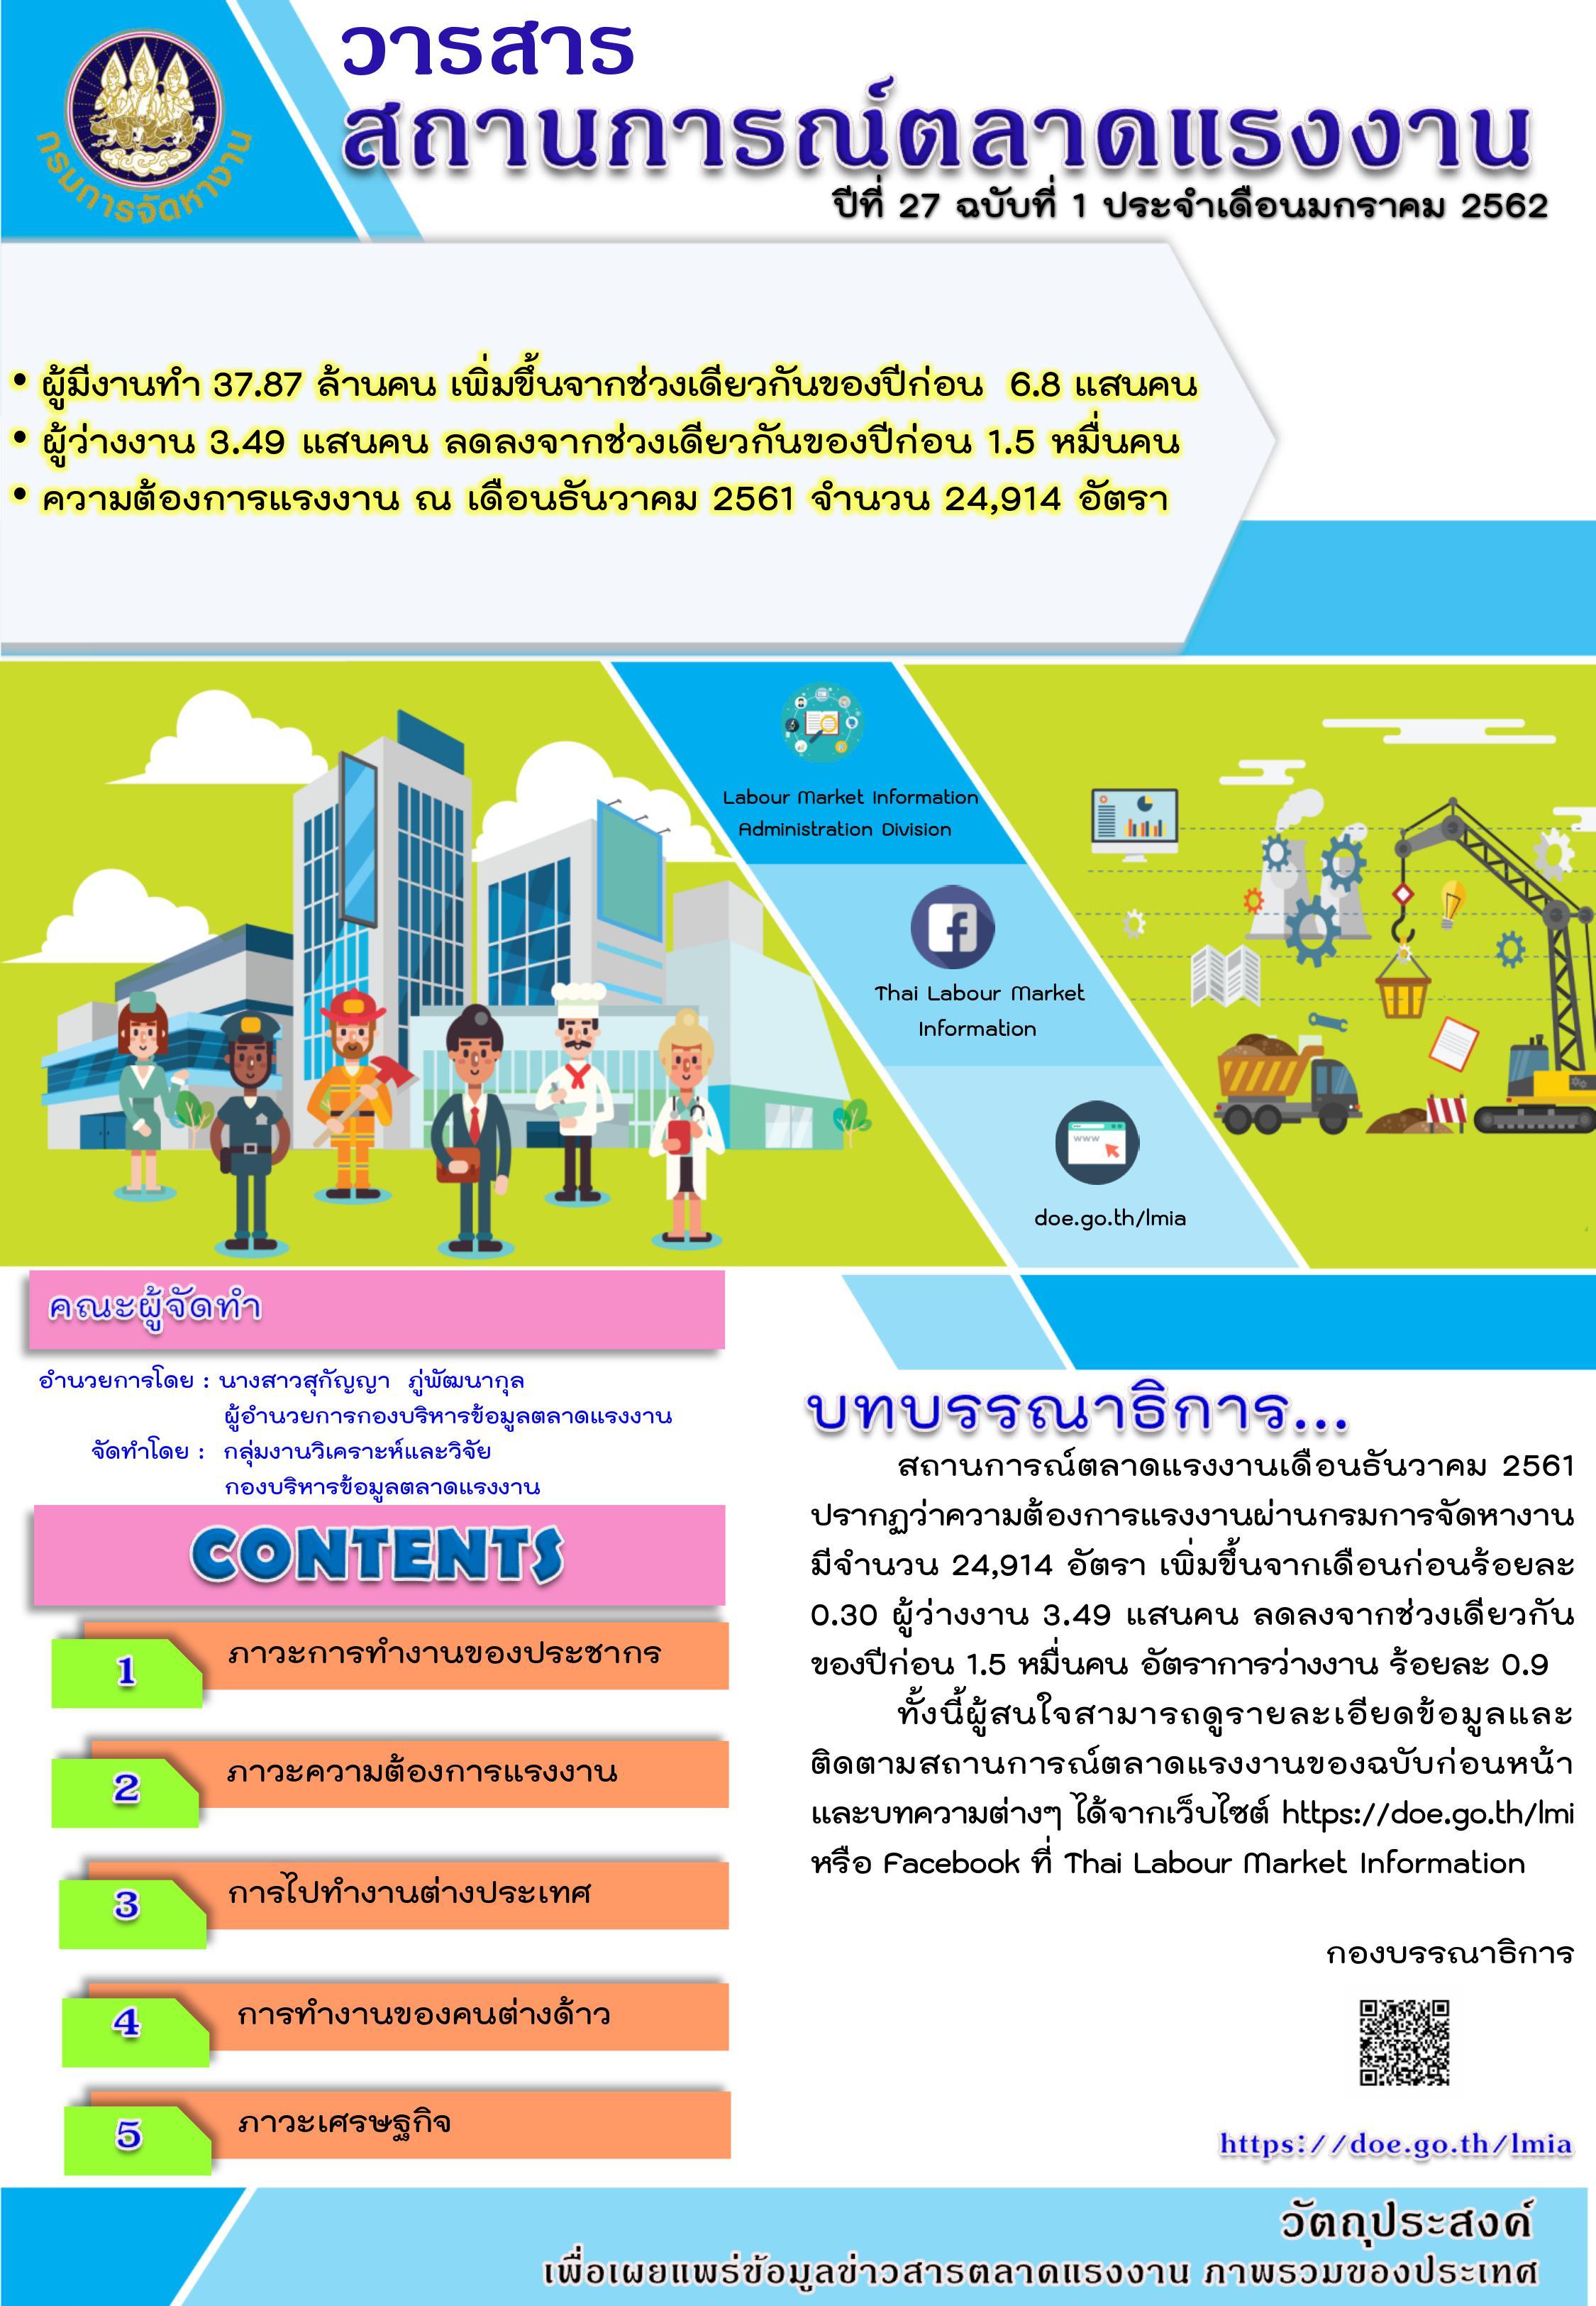 วารสารสถานการณ์ตลาดแรงงานประจำเดือนมกราคม 2562